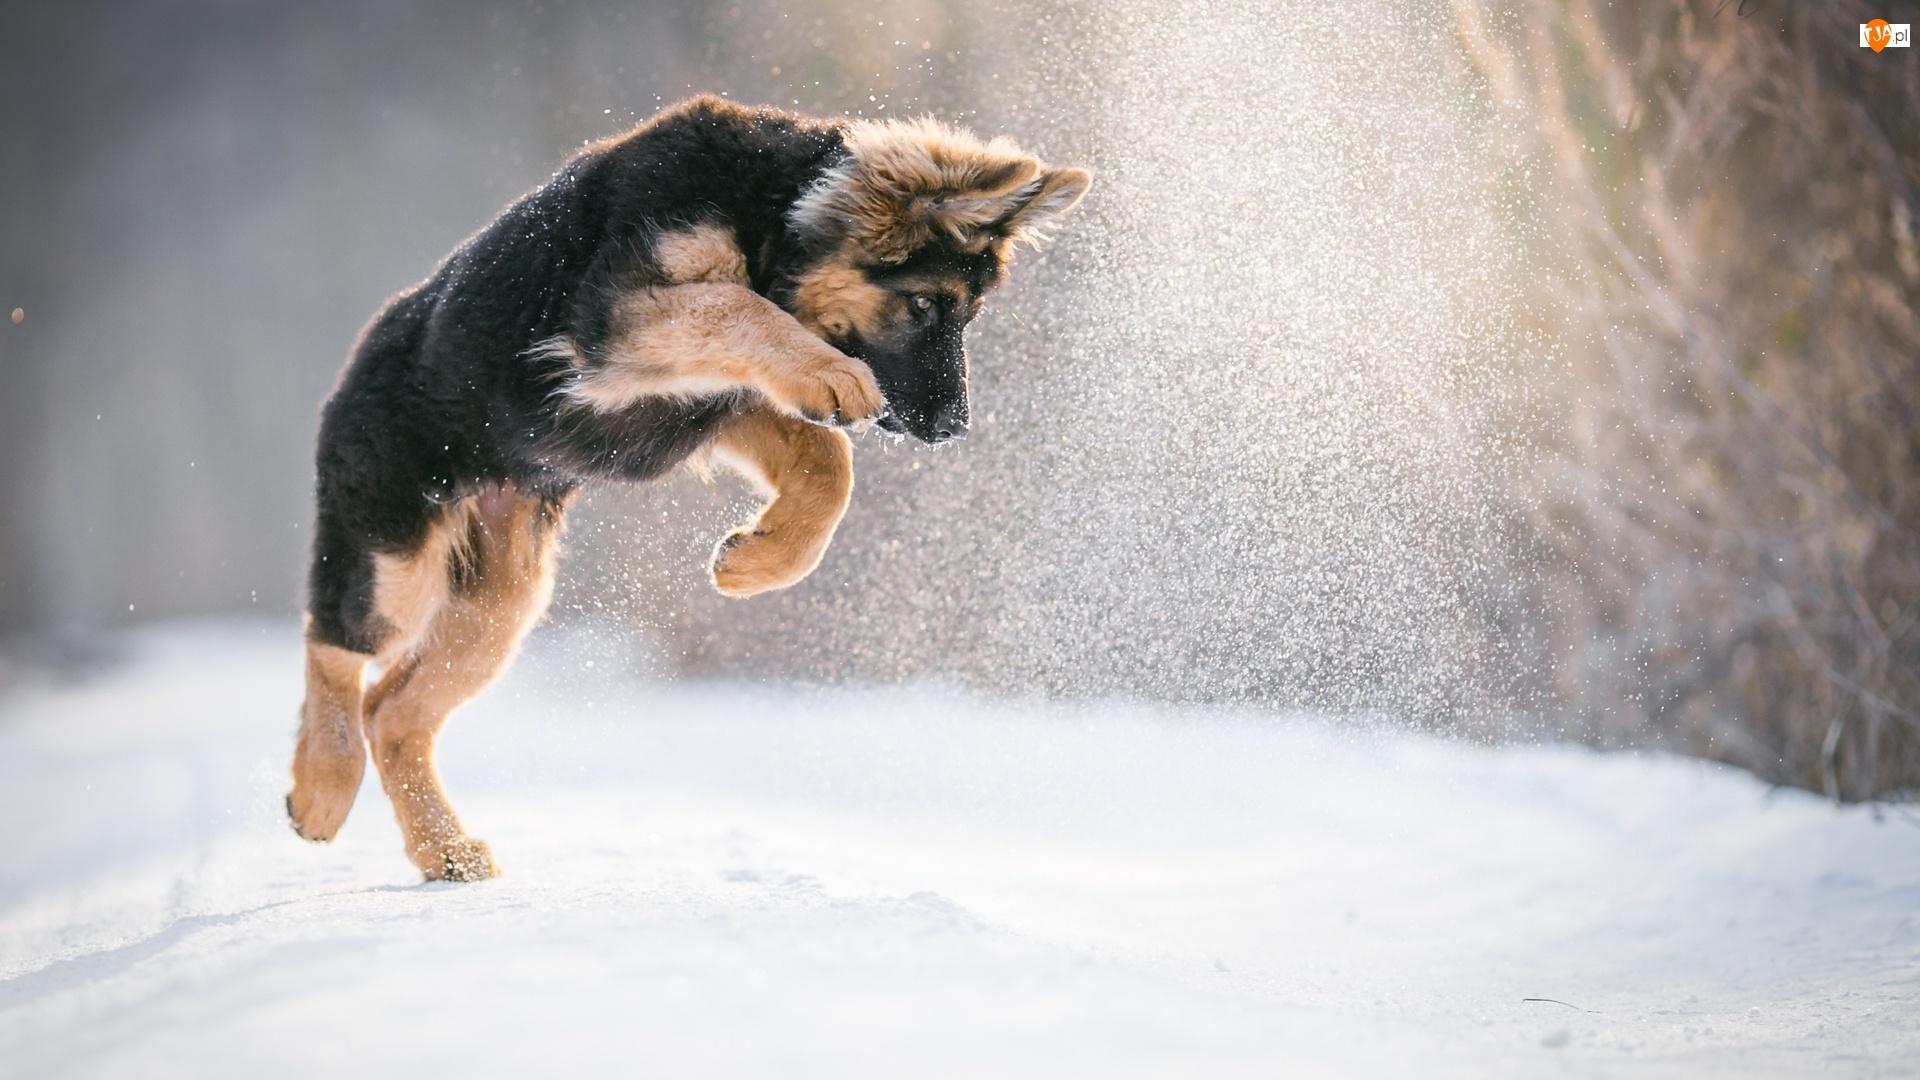 Śnieg, Szczeniak, Owczarek niemiecki